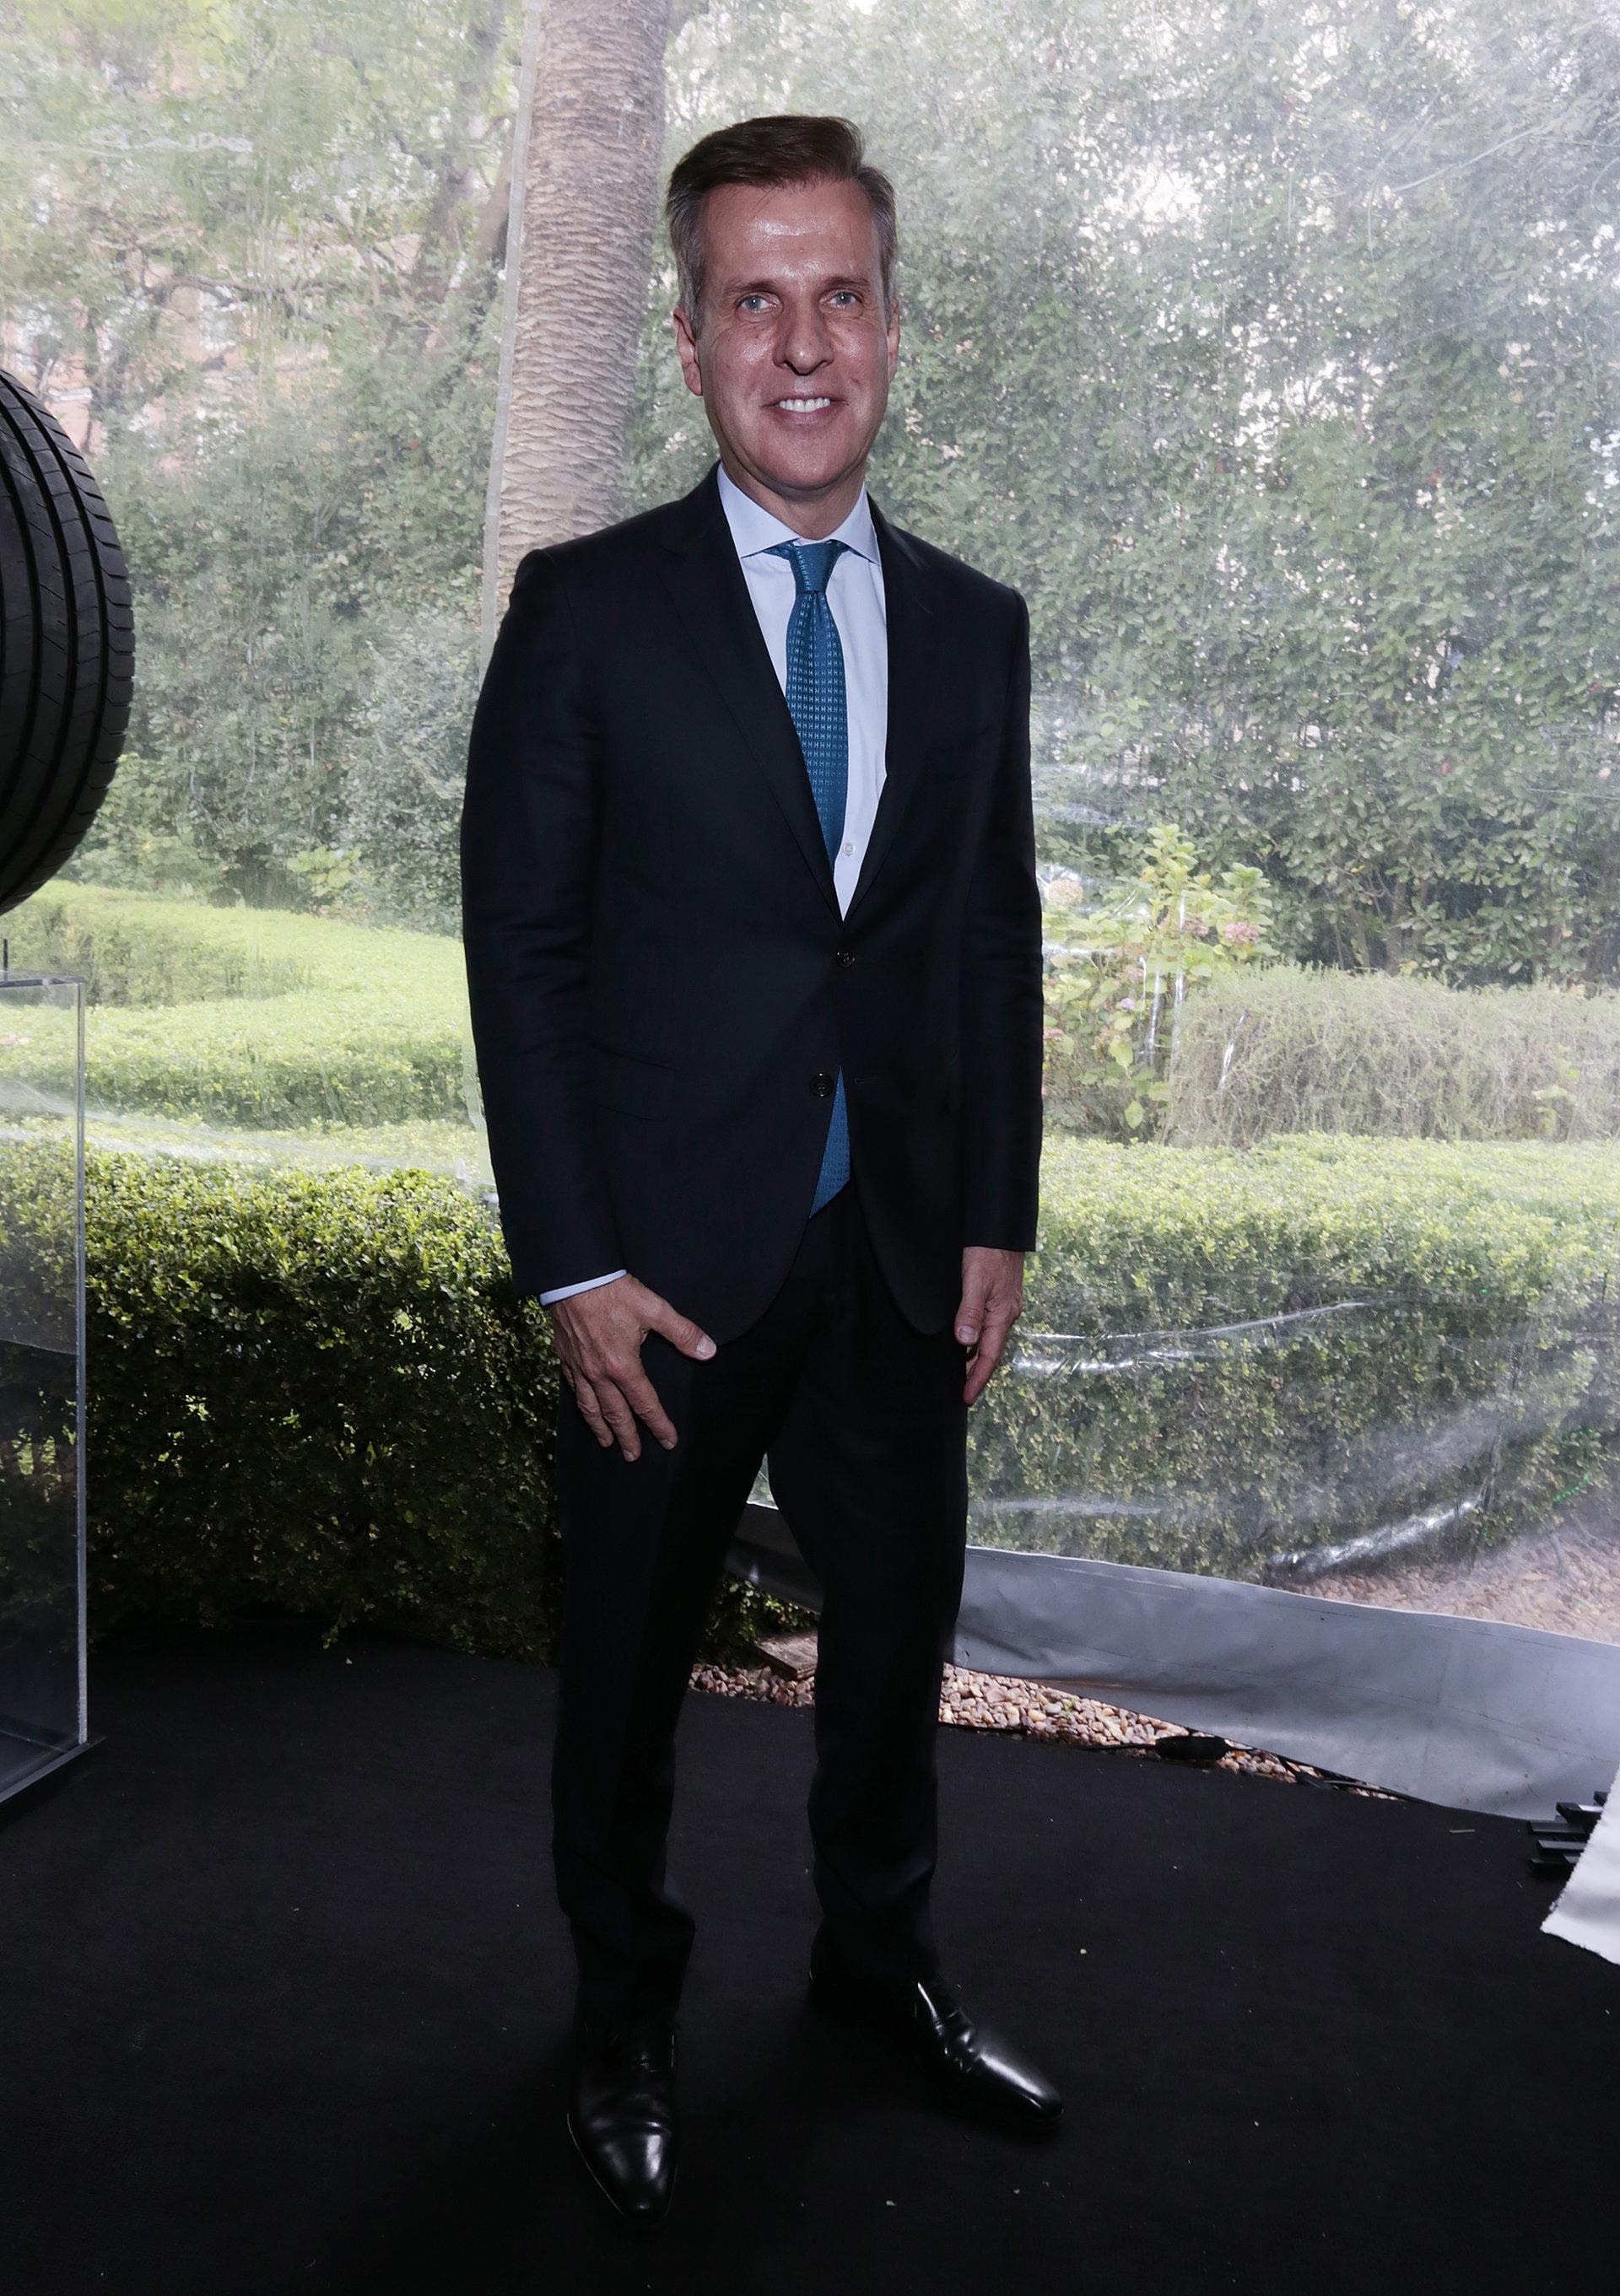 El ex presidente del Banco Central, Martín Redrado